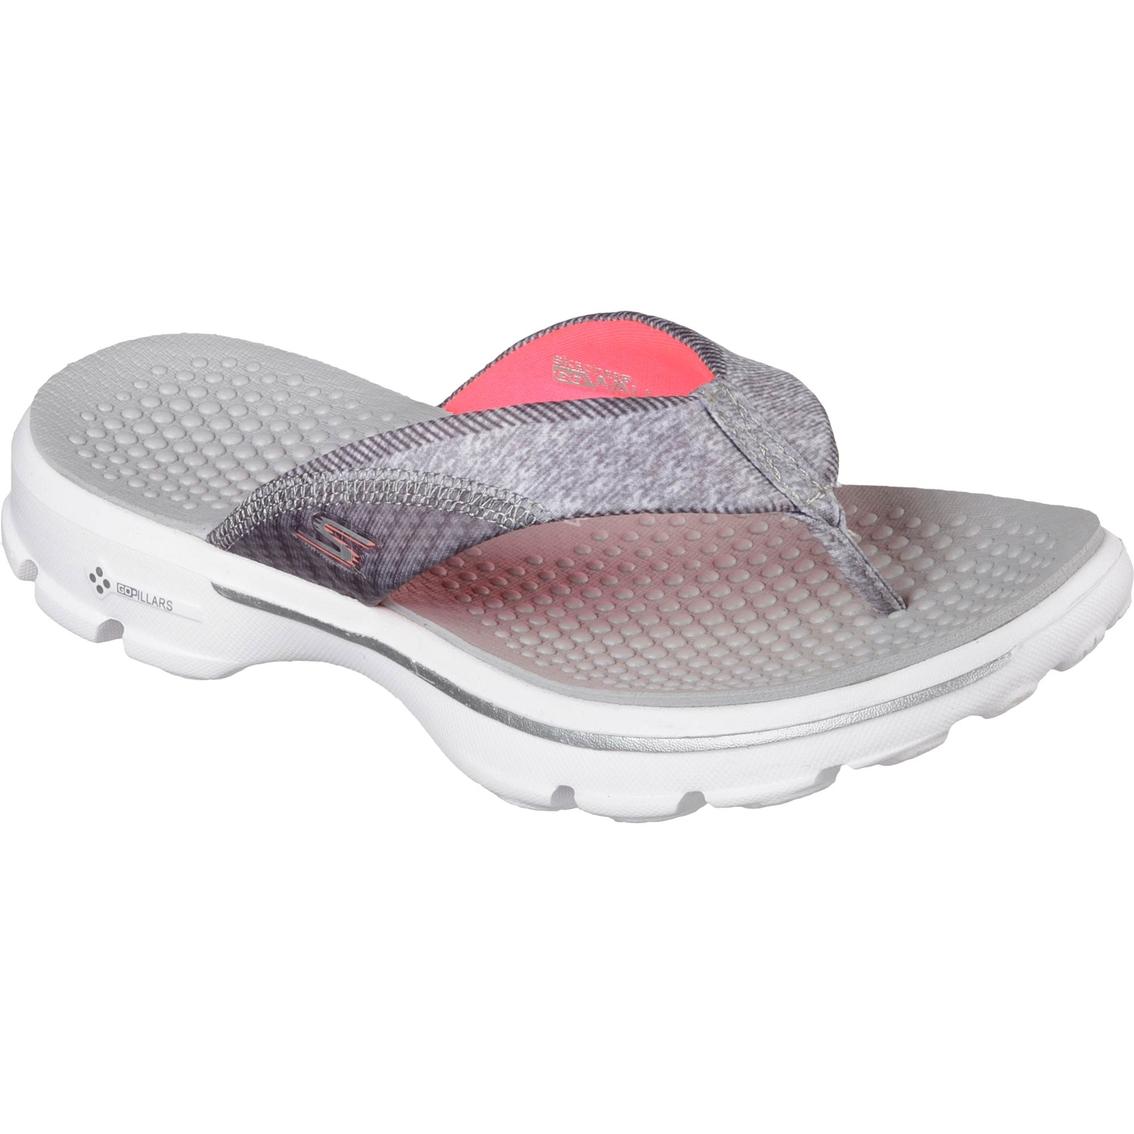 Skechers Women S Go Walk Pizazz Sandals Flip Flops